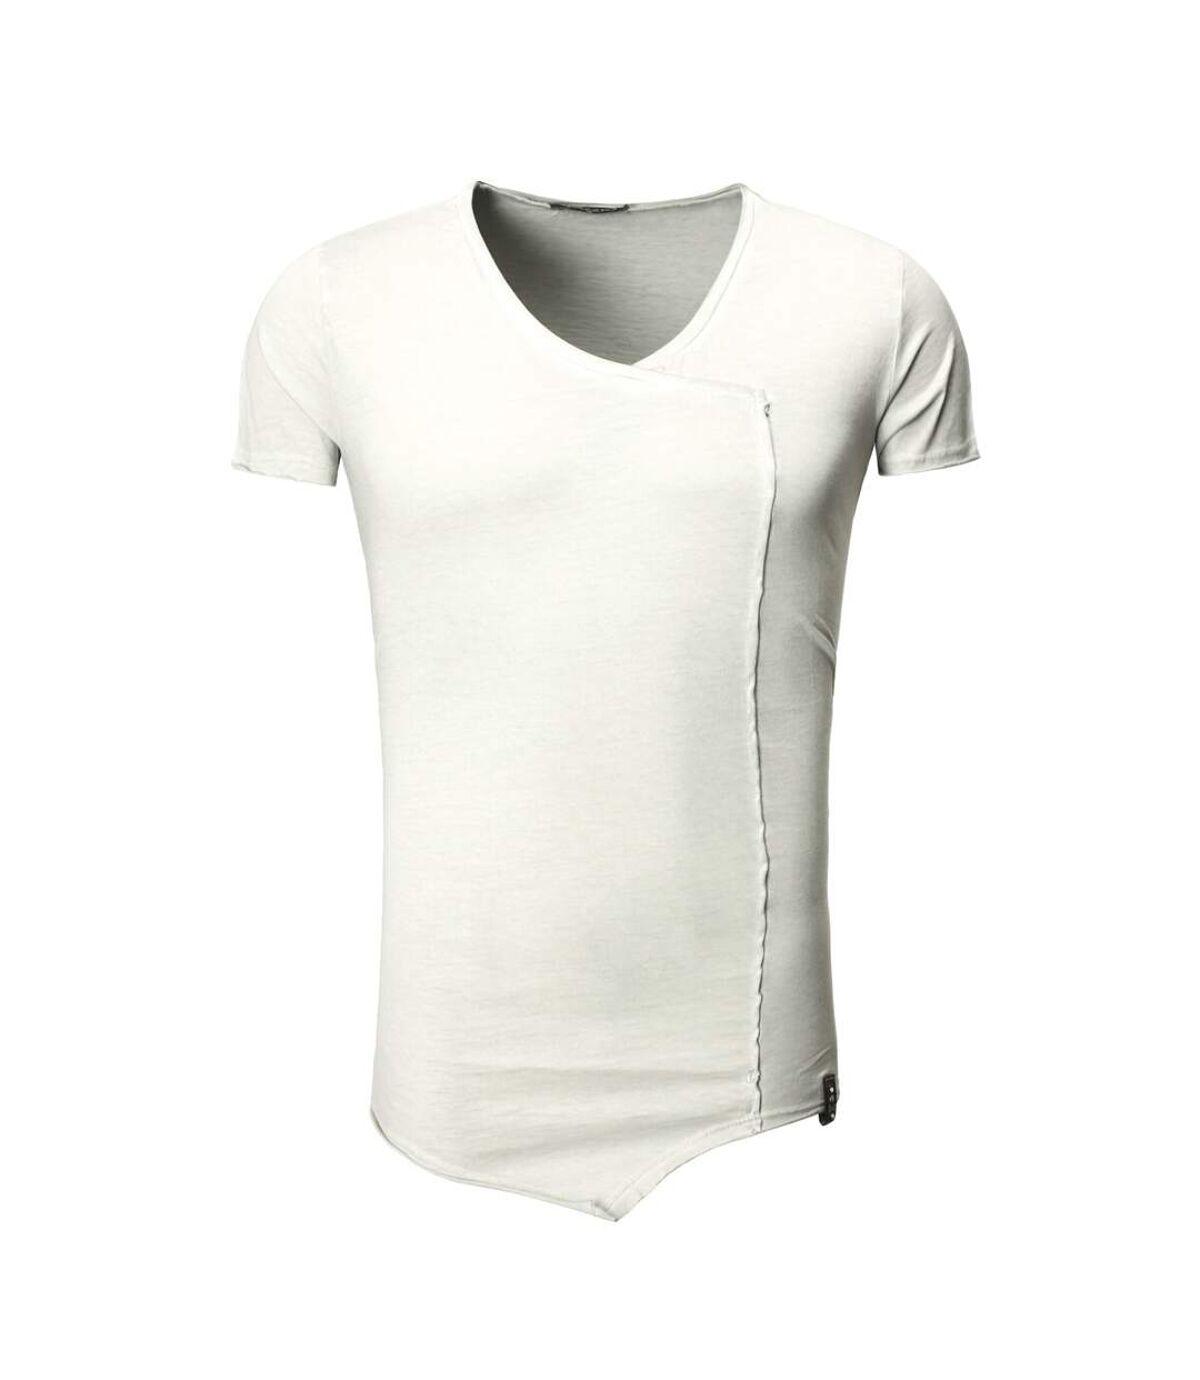 T-shirt asymétrique fashion T-shirt T22 gris clair